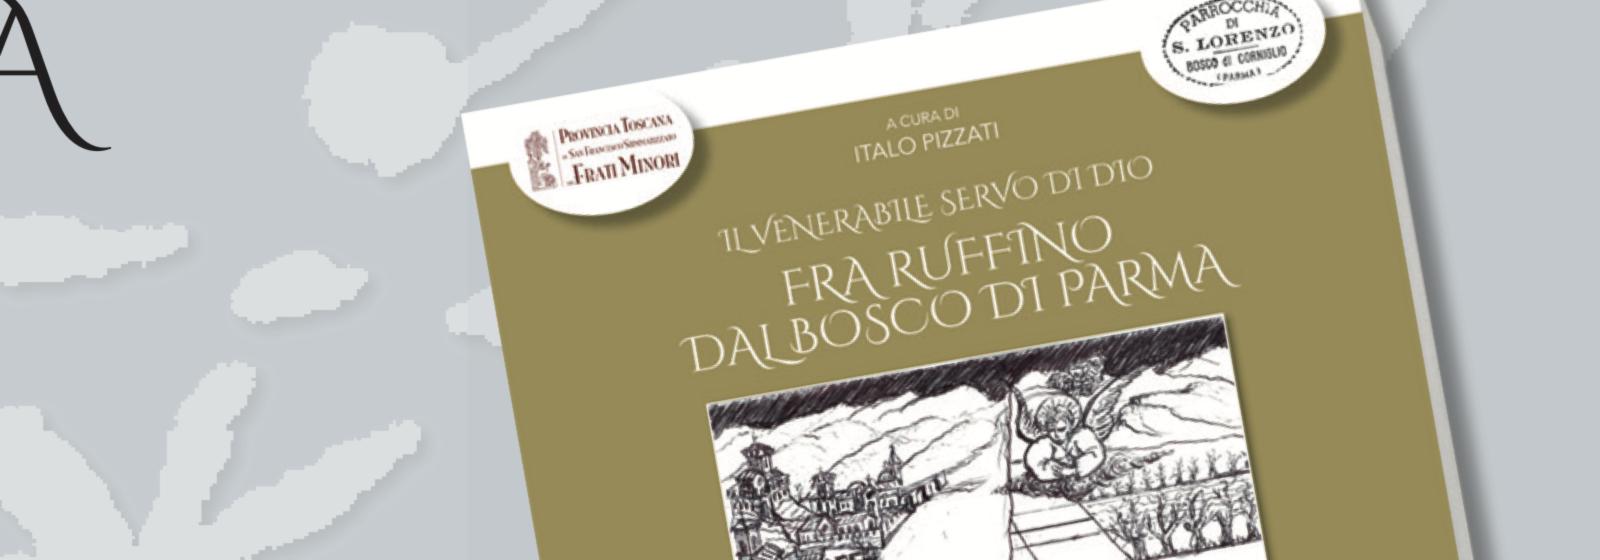 Presentazione del libro sulla vita di: Fra Ruffino dal Bosco di Parma